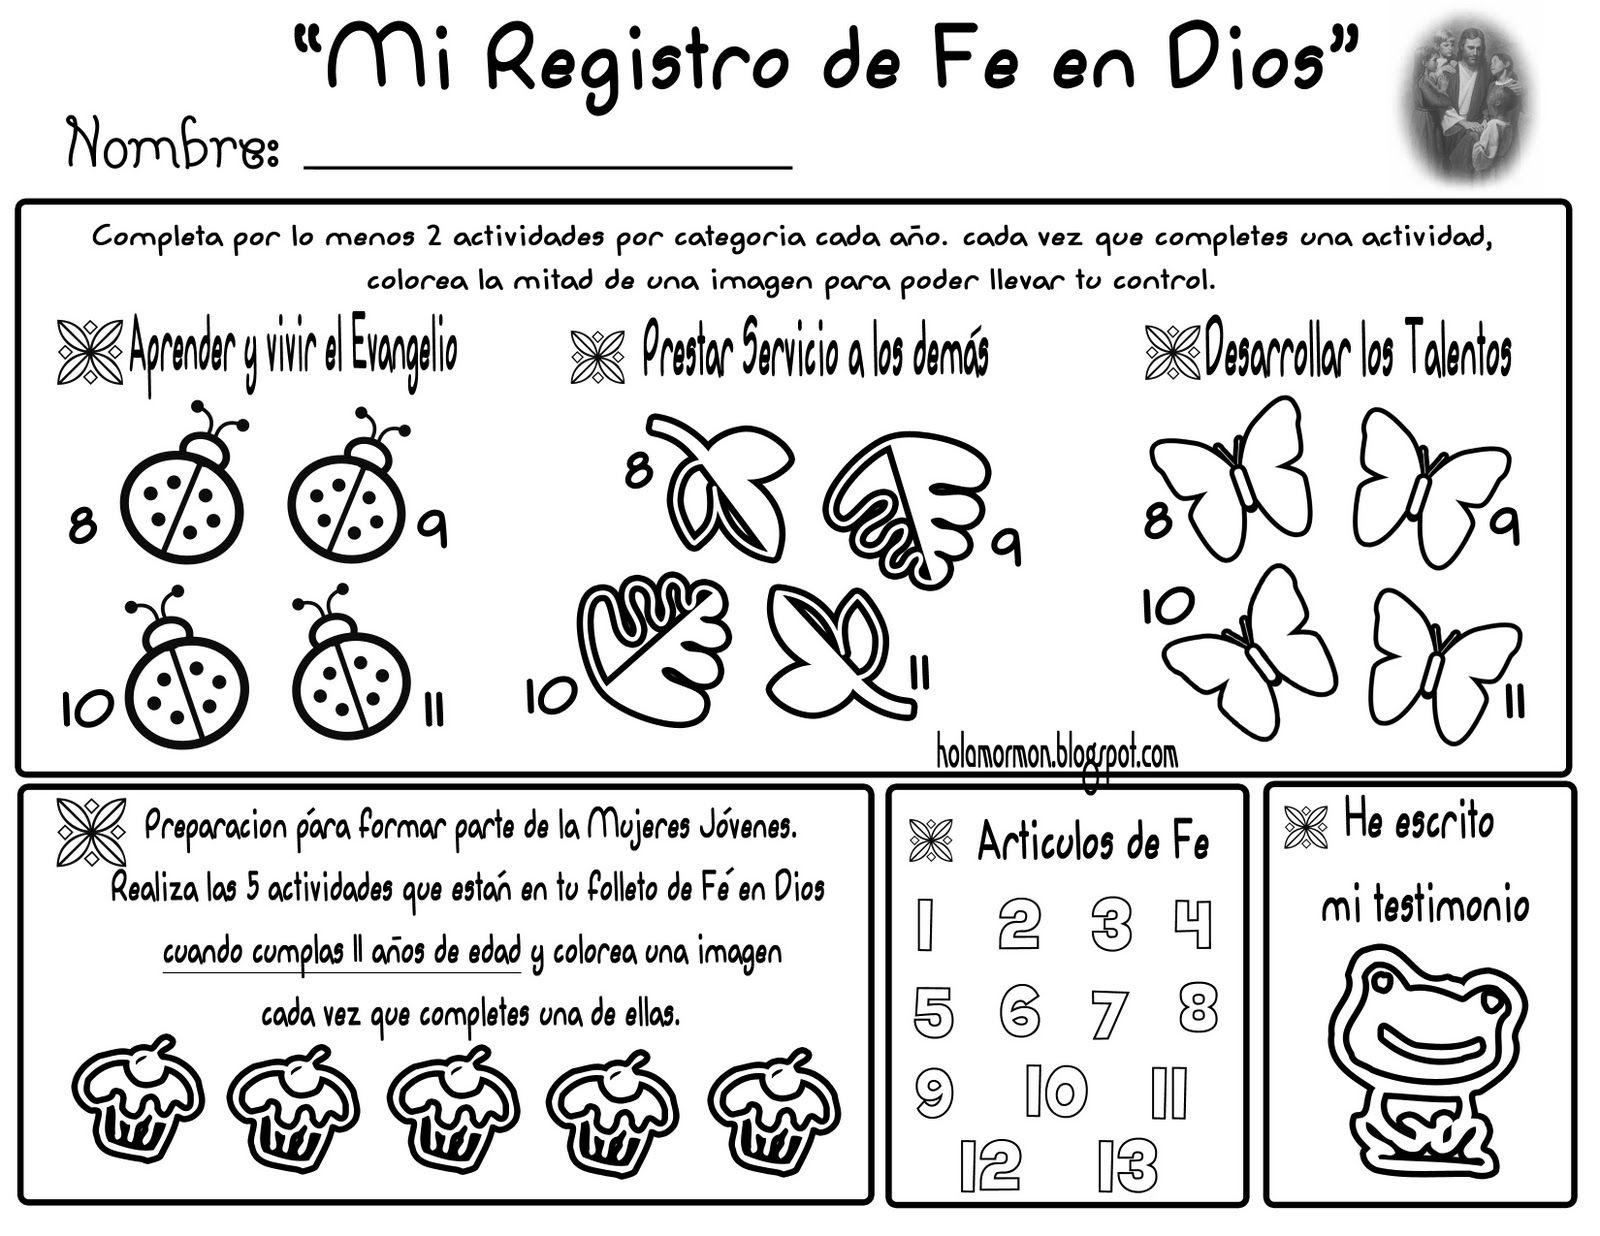 Registro Fe en Dios   fe en Dios   Pinterest   Ideas para and Pdf